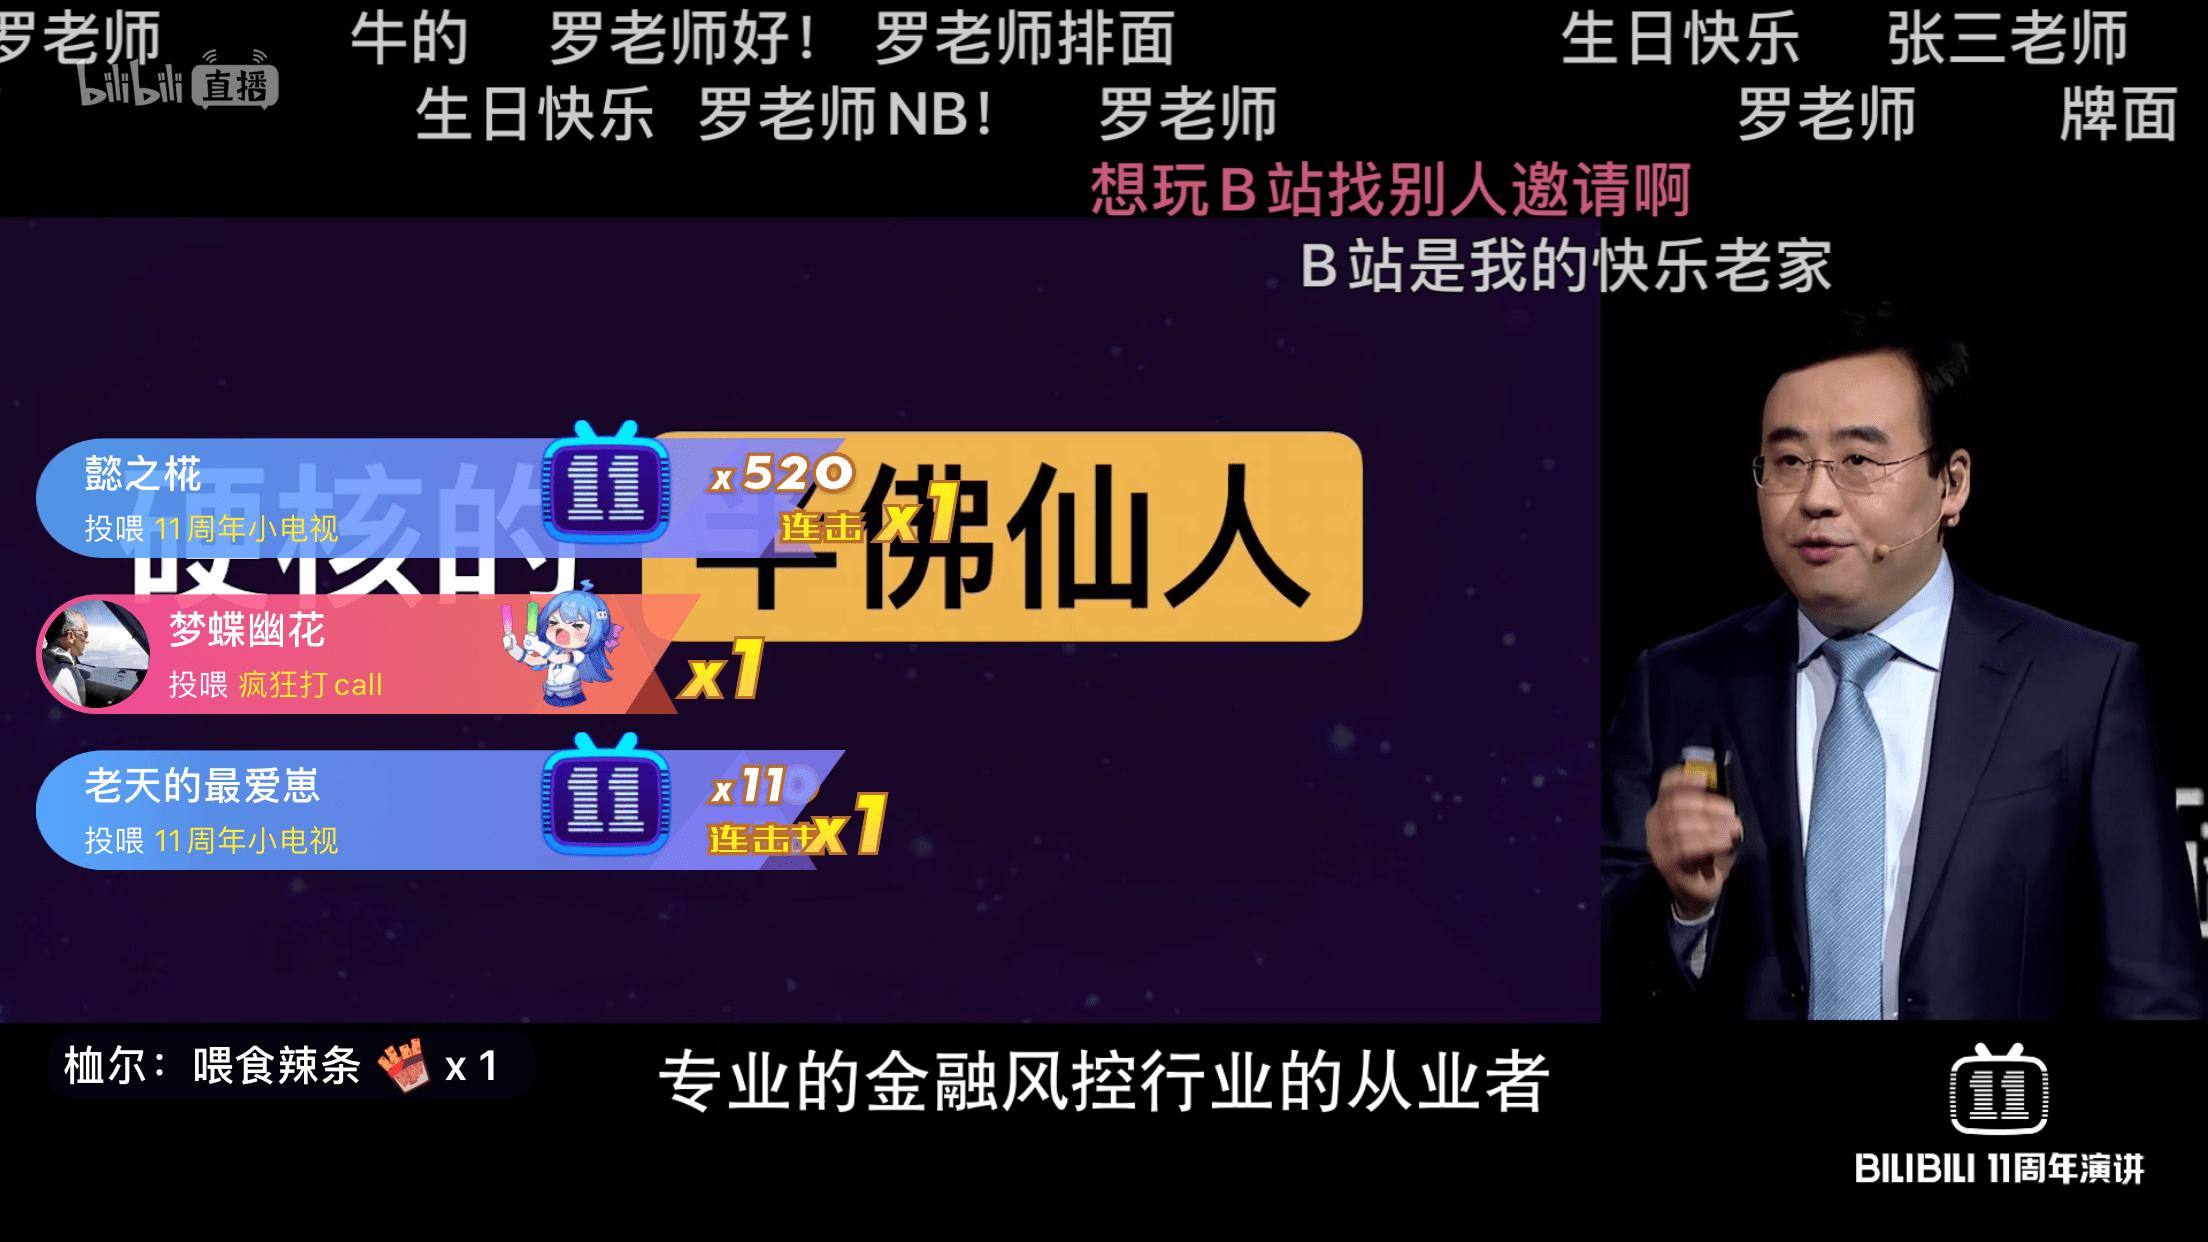 """十一岁B站加速""""破圈""""董事长陈睿:如果不向前发展,就一定会衰落"""